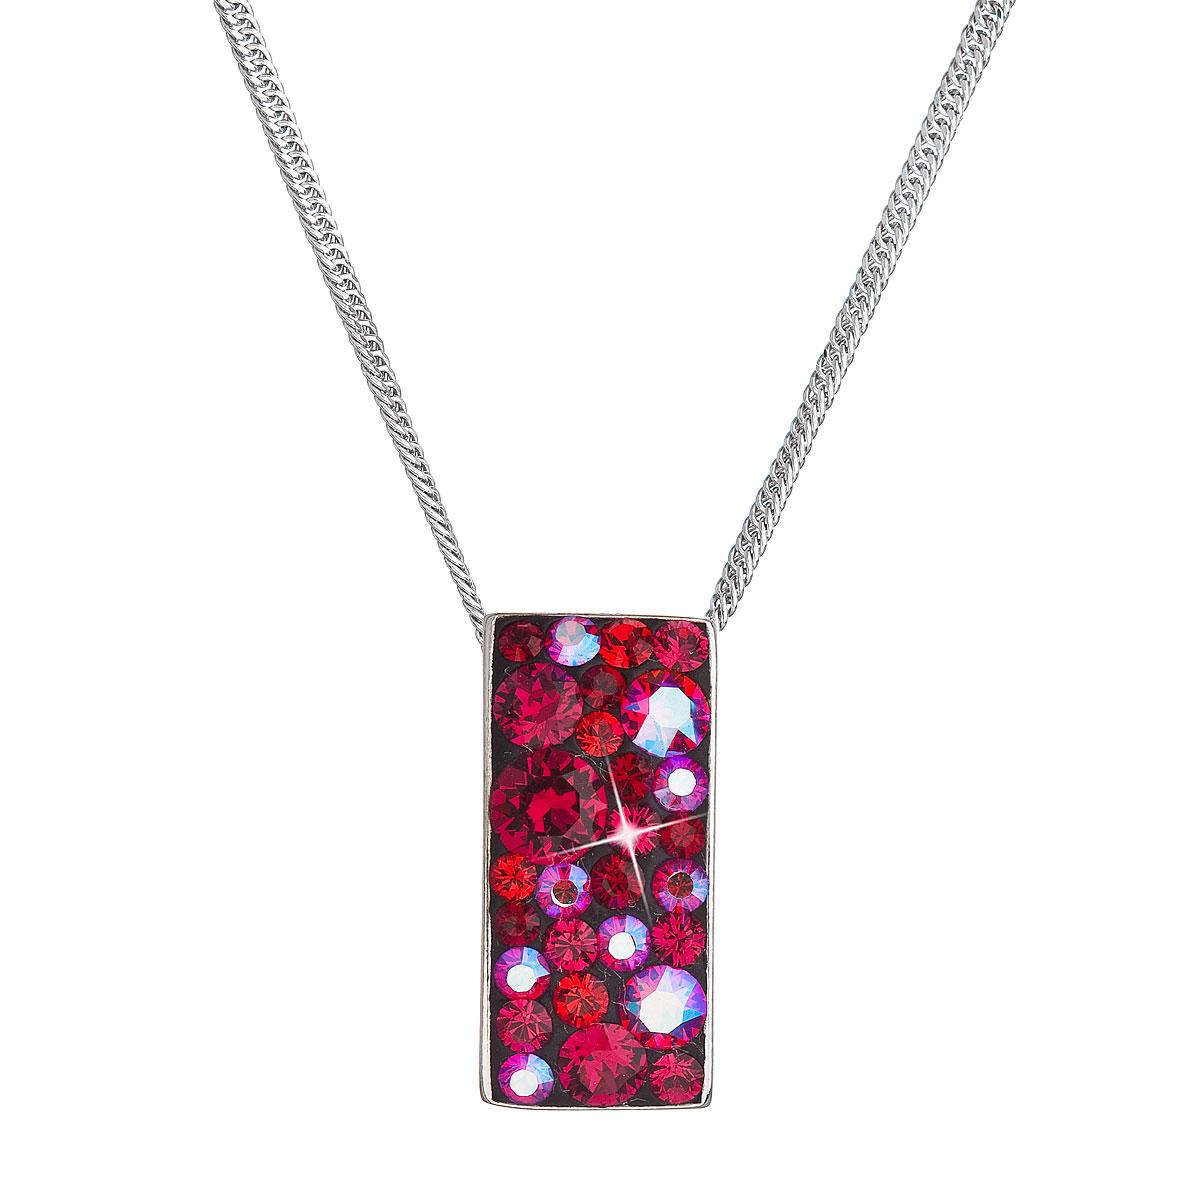 Evolution Group Stříbrný náhrdelník se Swarovski krystaly červený obdélník 32074.3 cherry